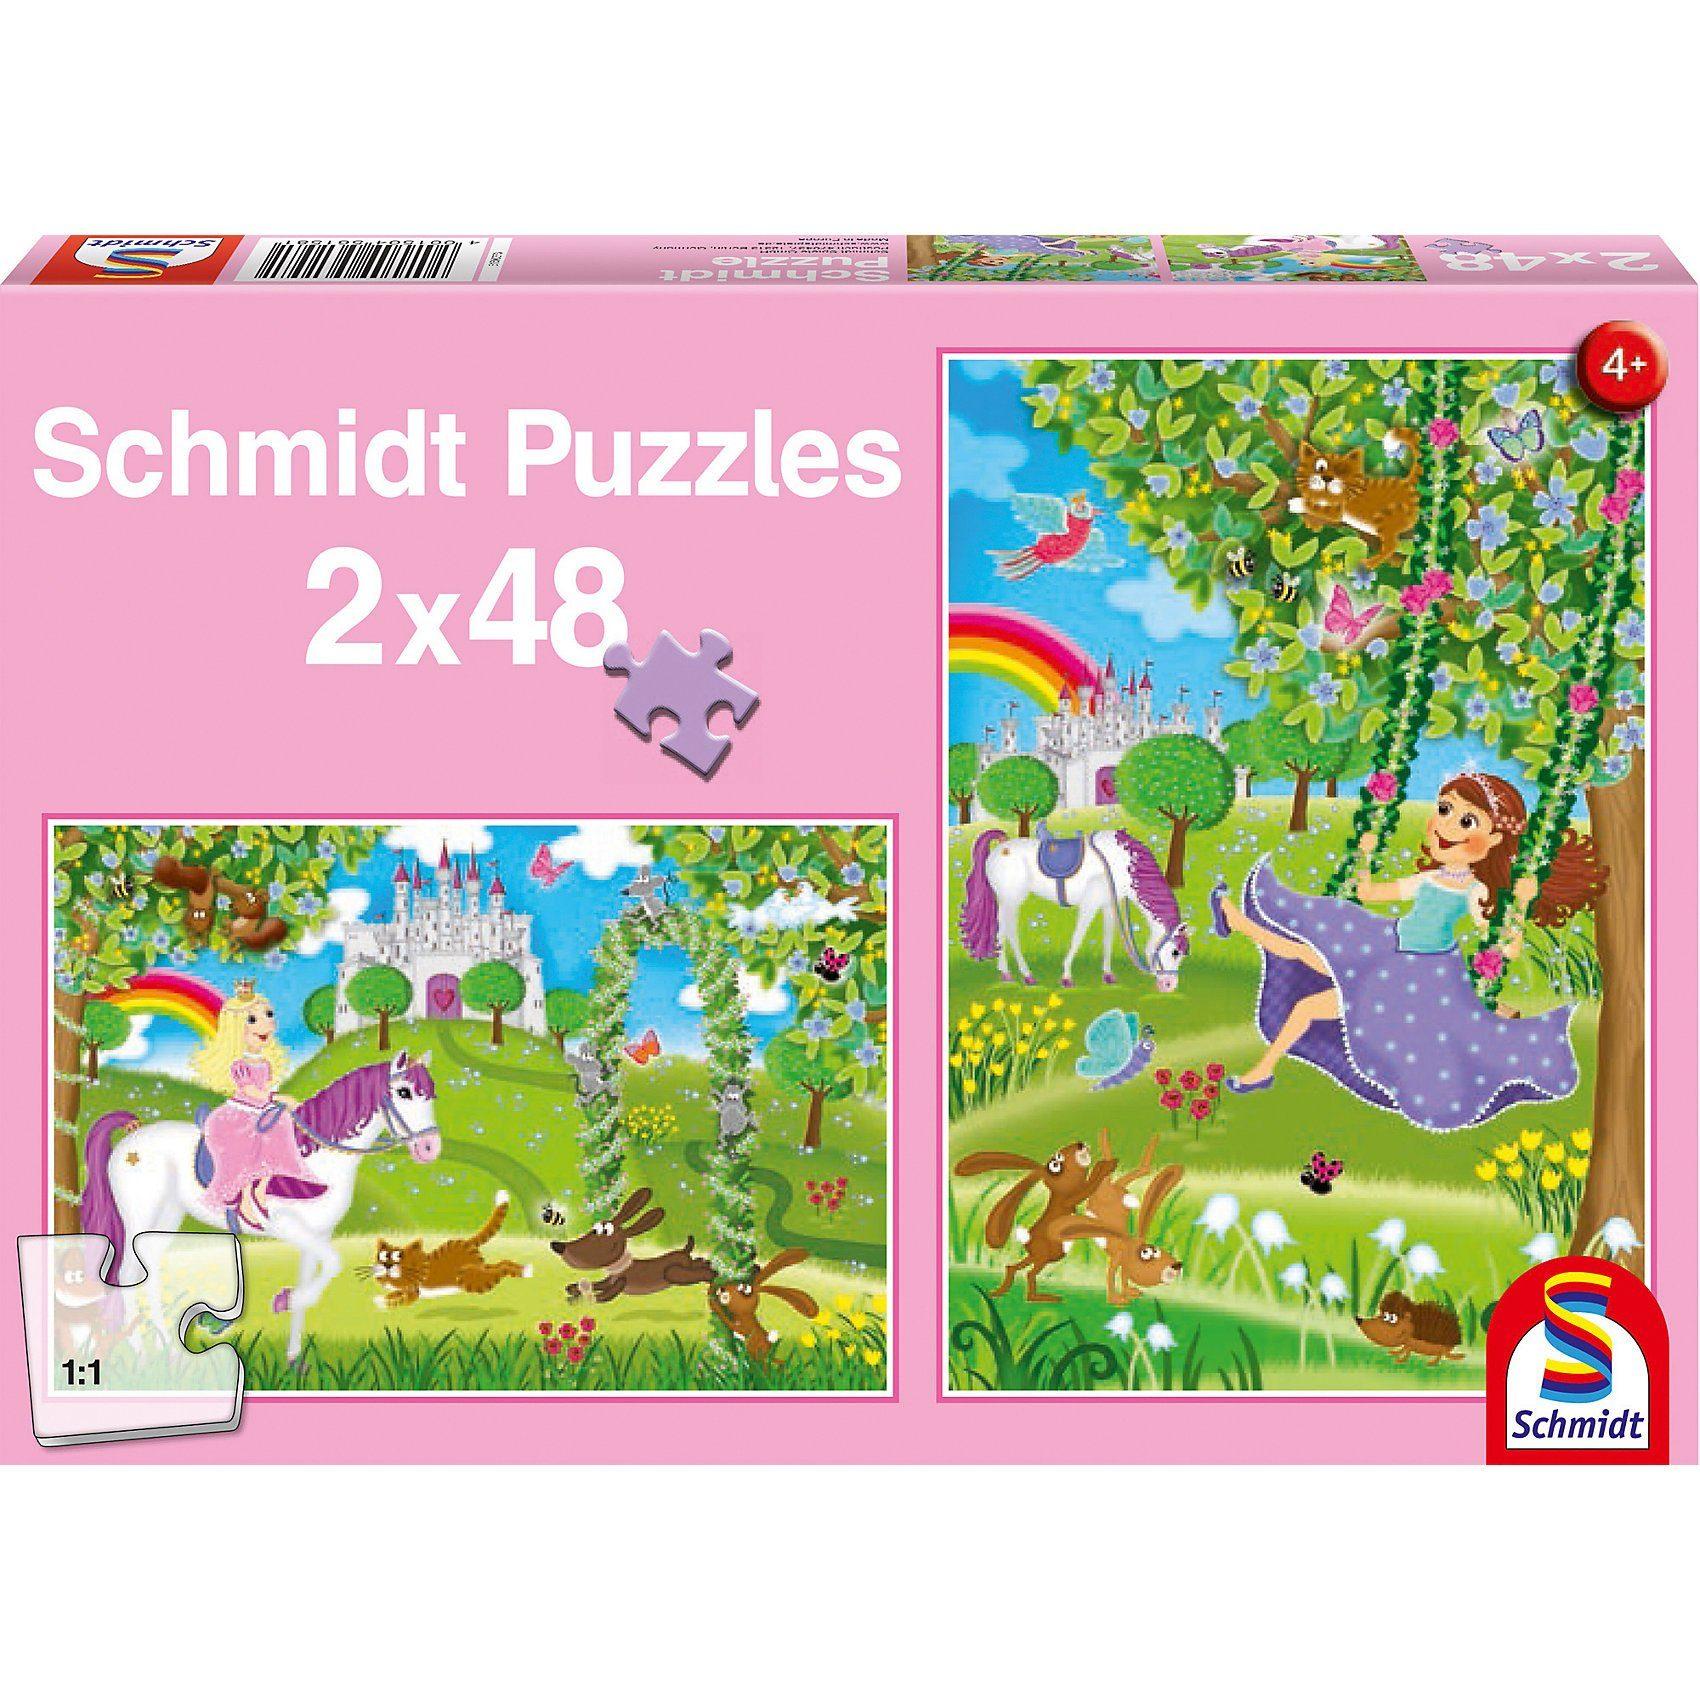 Schmidt Spiele Puzzleset Prinzessin im Schlossgarten, 2 x 48 Teile